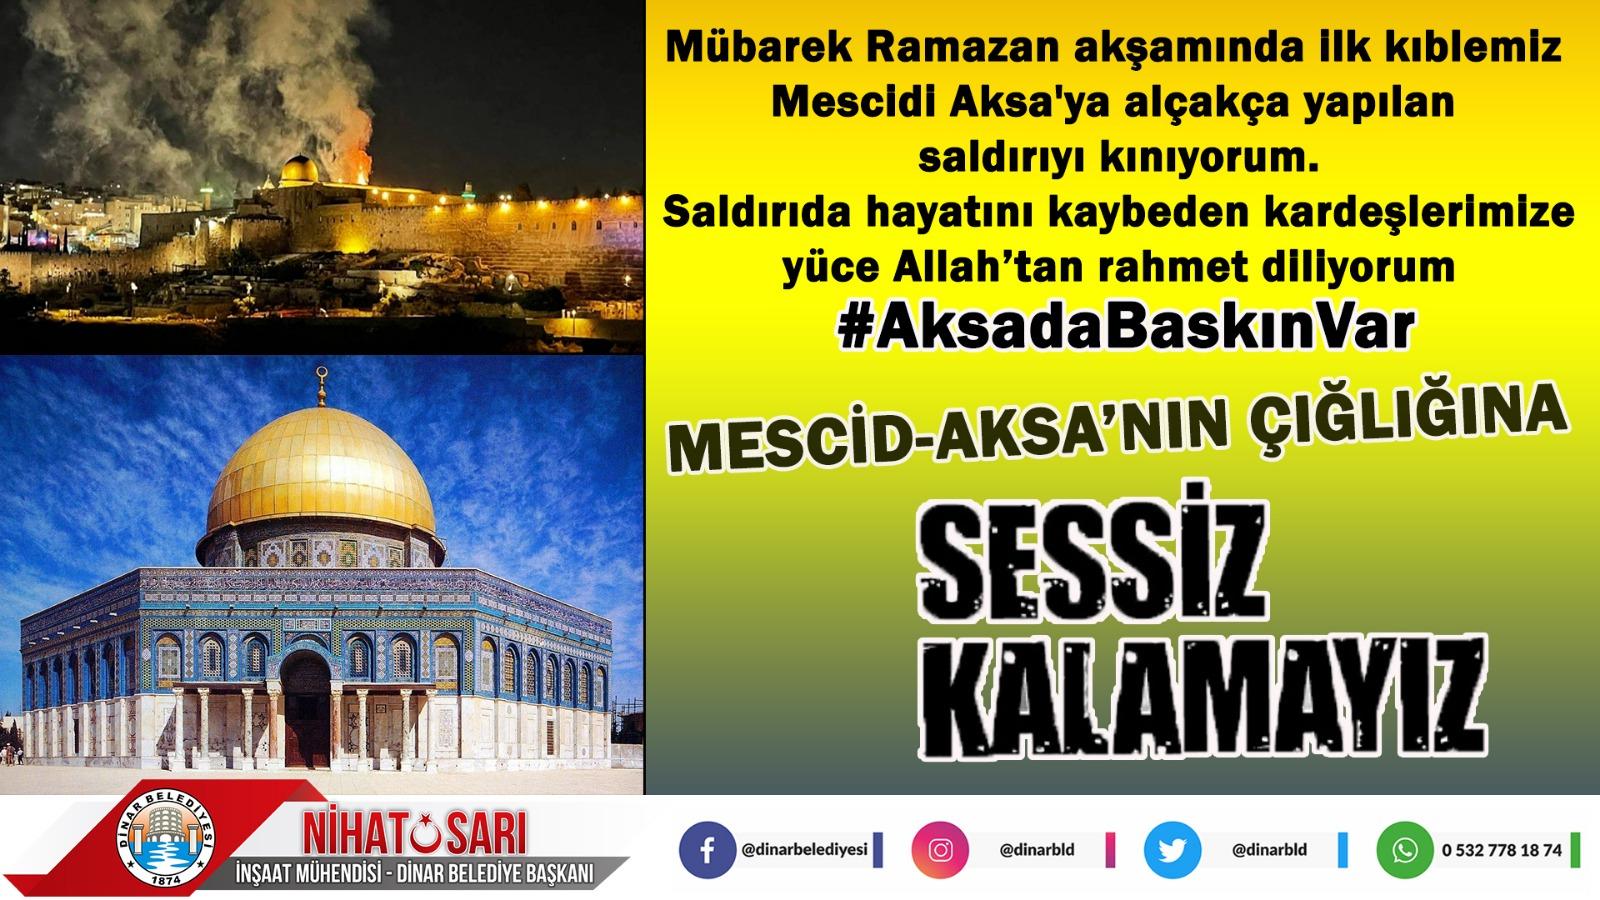 """Başkan Sarı, """"Mescid-i Aksa'ya yapılan hain saldırıyı kınıyoruz"""""""